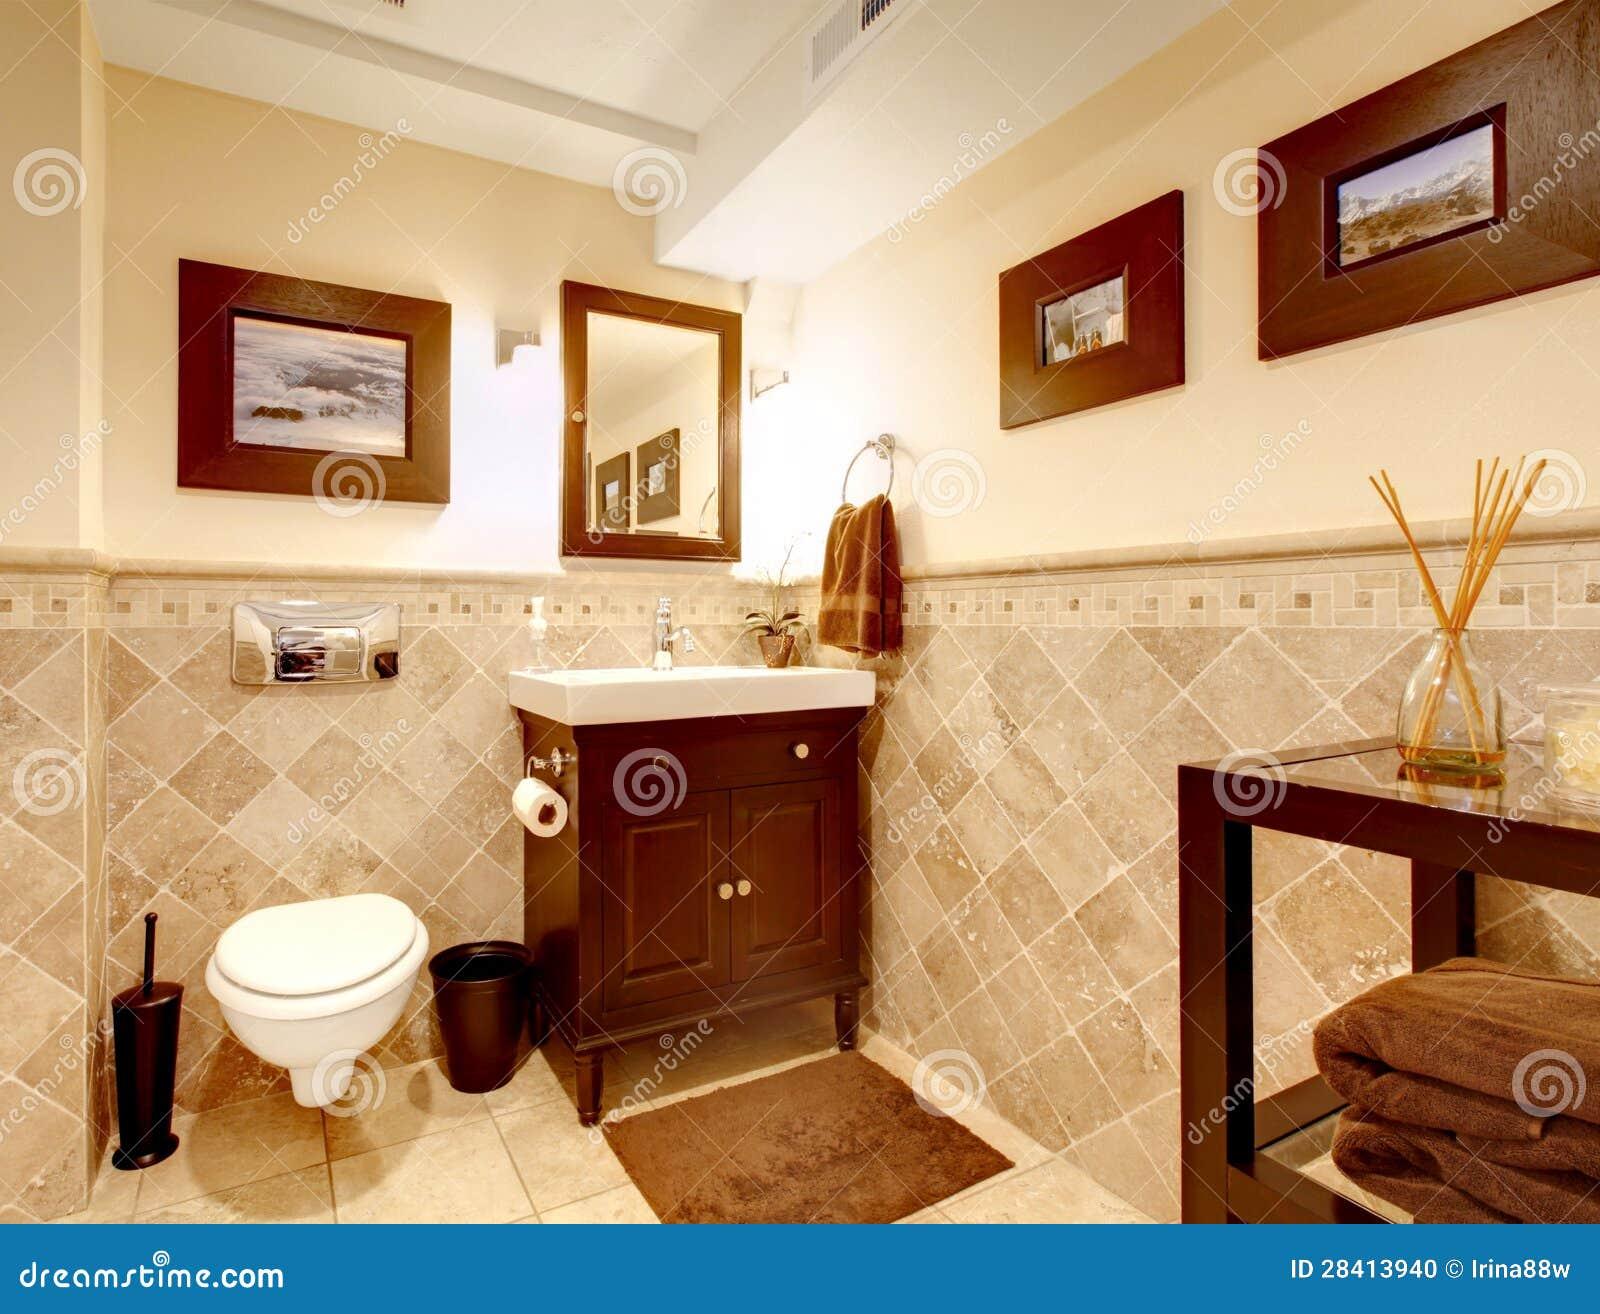 Interior Elegante Clásico Del Cuarto De Baño Casero. Foto de archivo ...